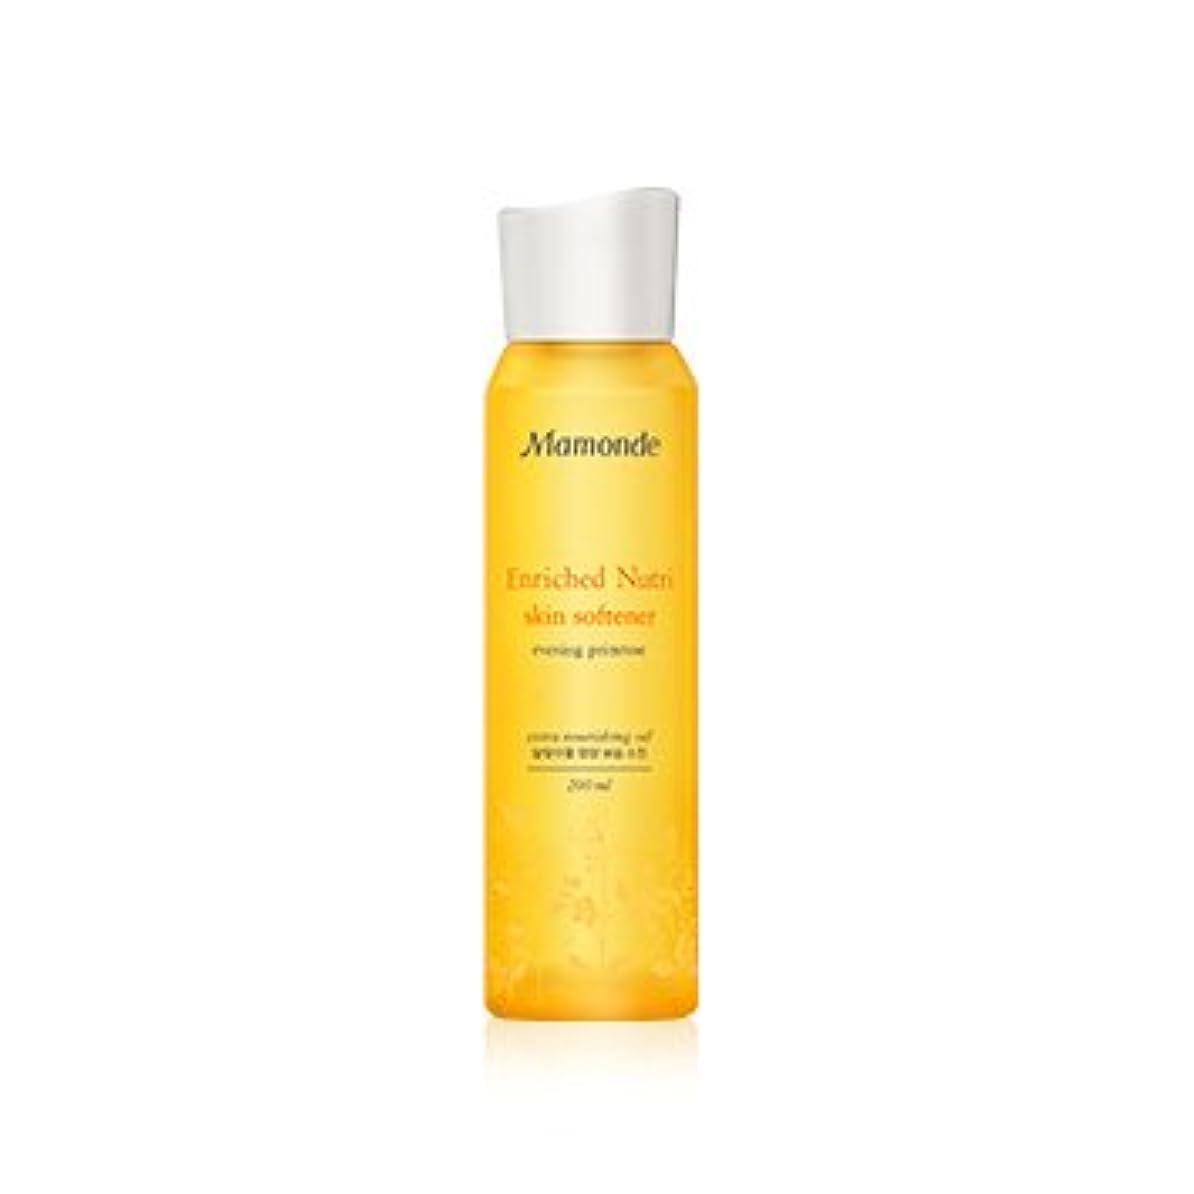 推定する裁量軽食[New] Mamonde Enriched Nutri Skin Softener 200ml/マモンド エンリッチド ニュートリ スキン ソフナー 200ml